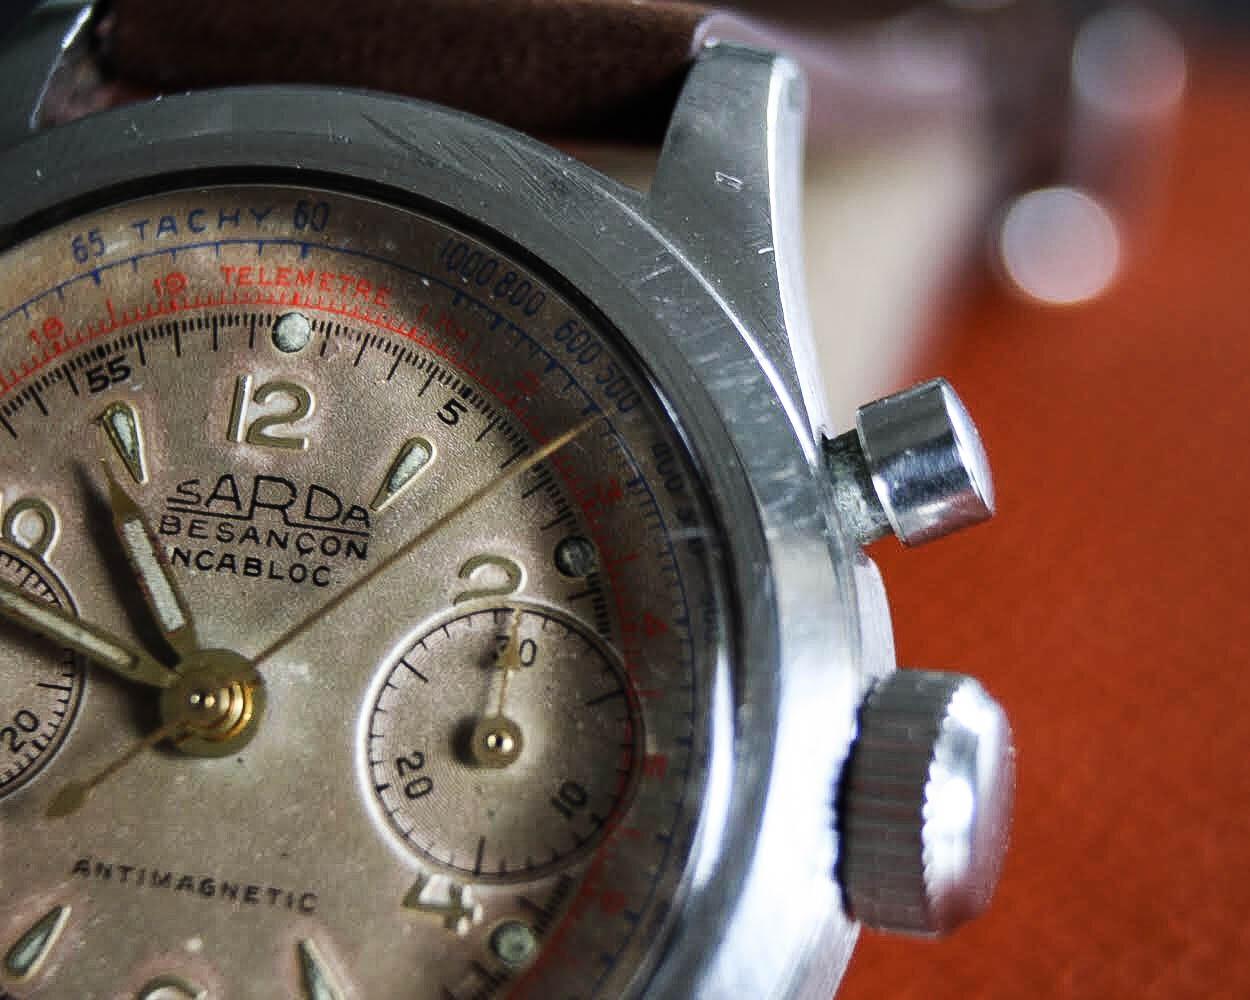 poussoir montre sarda